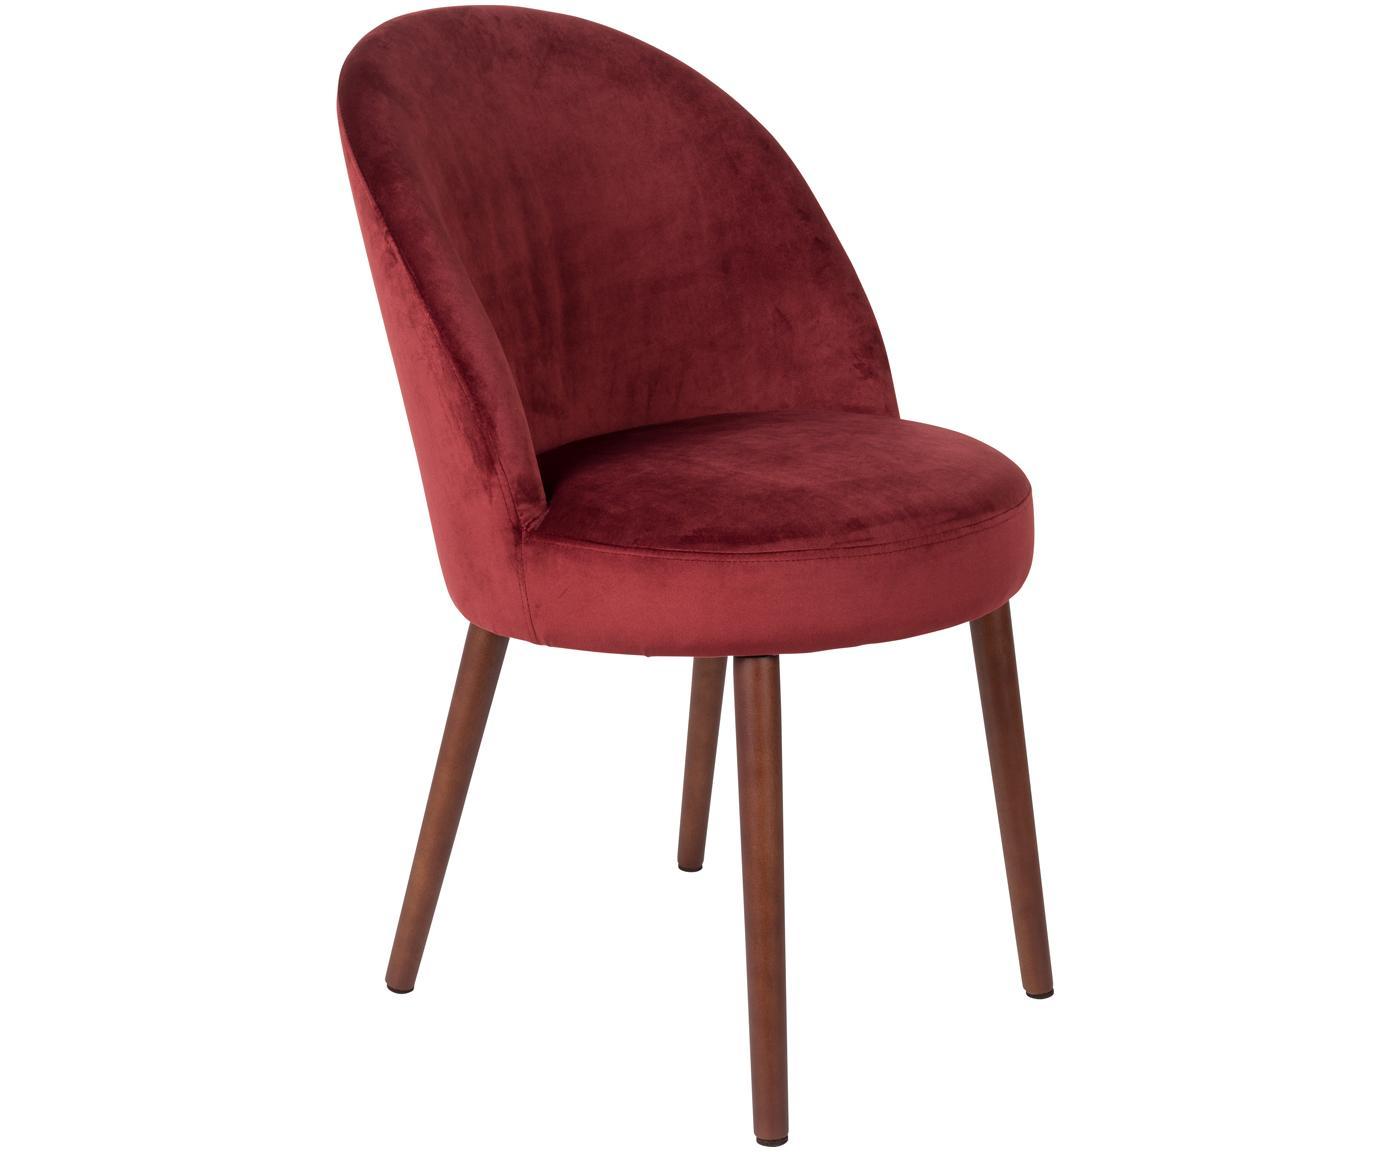 Krzesło tapicerowane z aksamitu Barbara, Tapicerka: 100% poliester, Nogi: drewno bukowe, lakierowan, Tapicerka: pianka poliuretanowa Tapi, Aksamitny czerwony, S 51 x G 59 cm